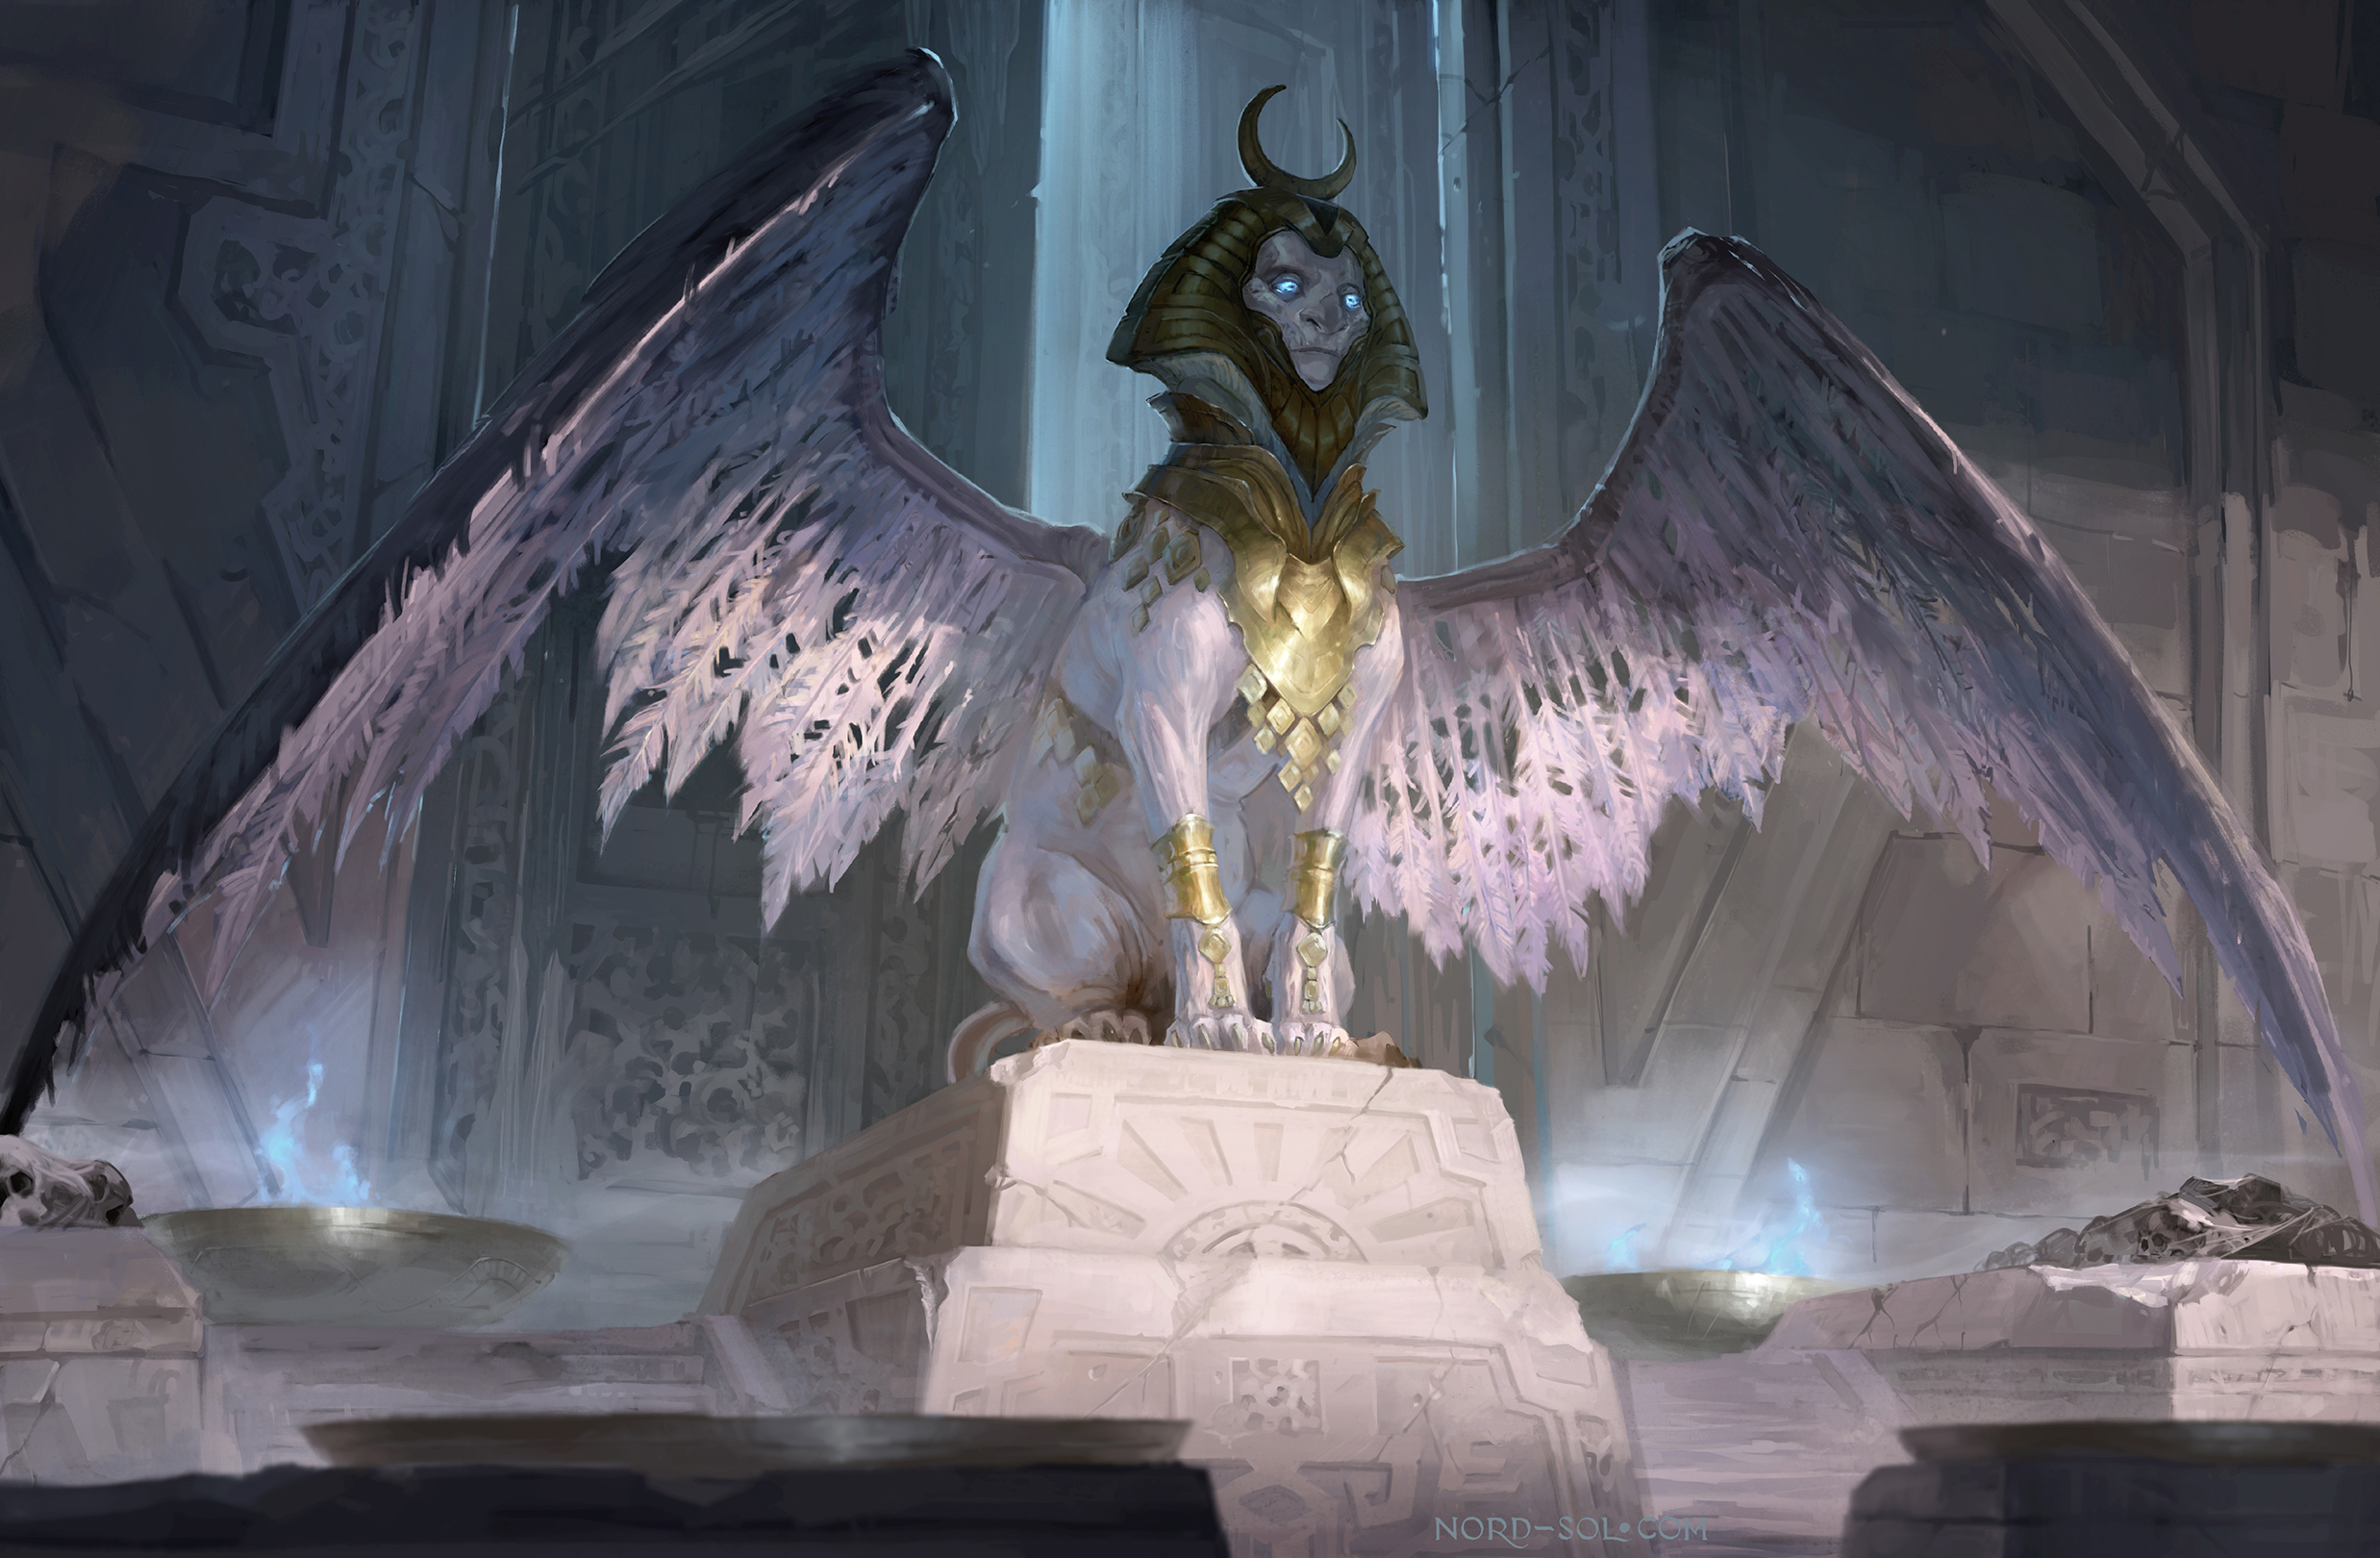 Creature Sphinx Wings 2475x1620